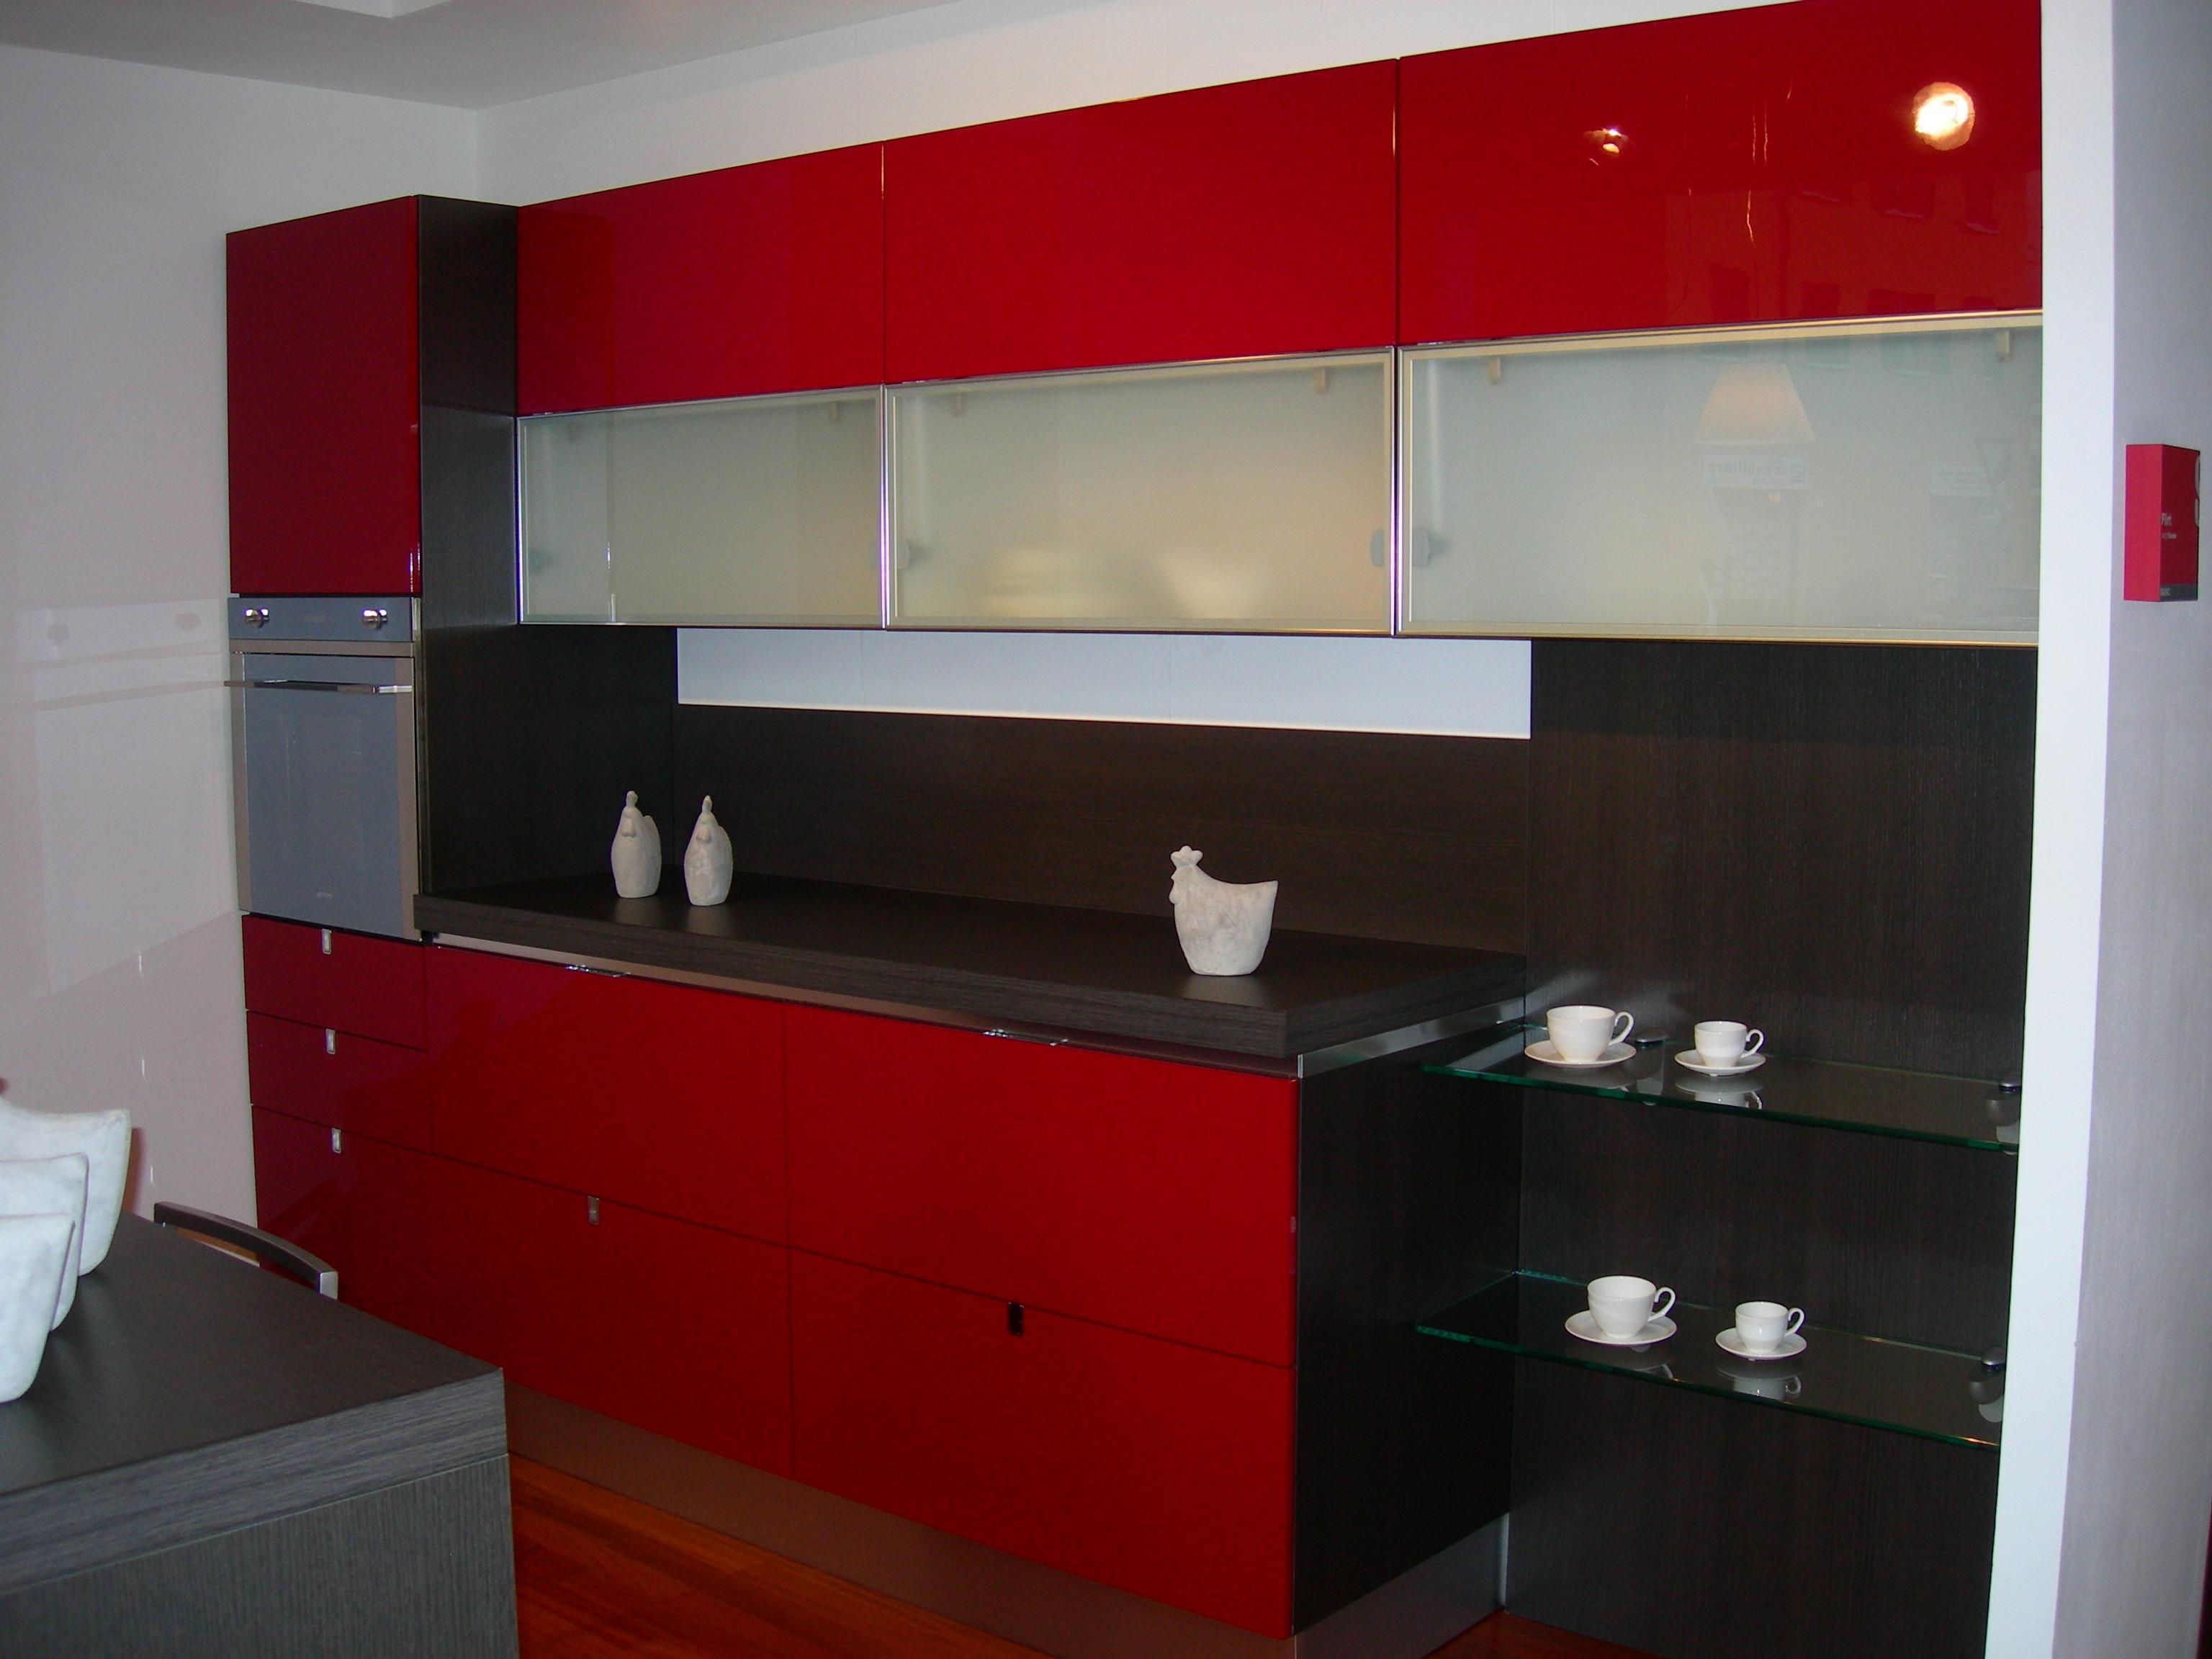 Cucina scavolini flirt rossa in offerta cucine a prezzi - Cucine scavolini basic ...